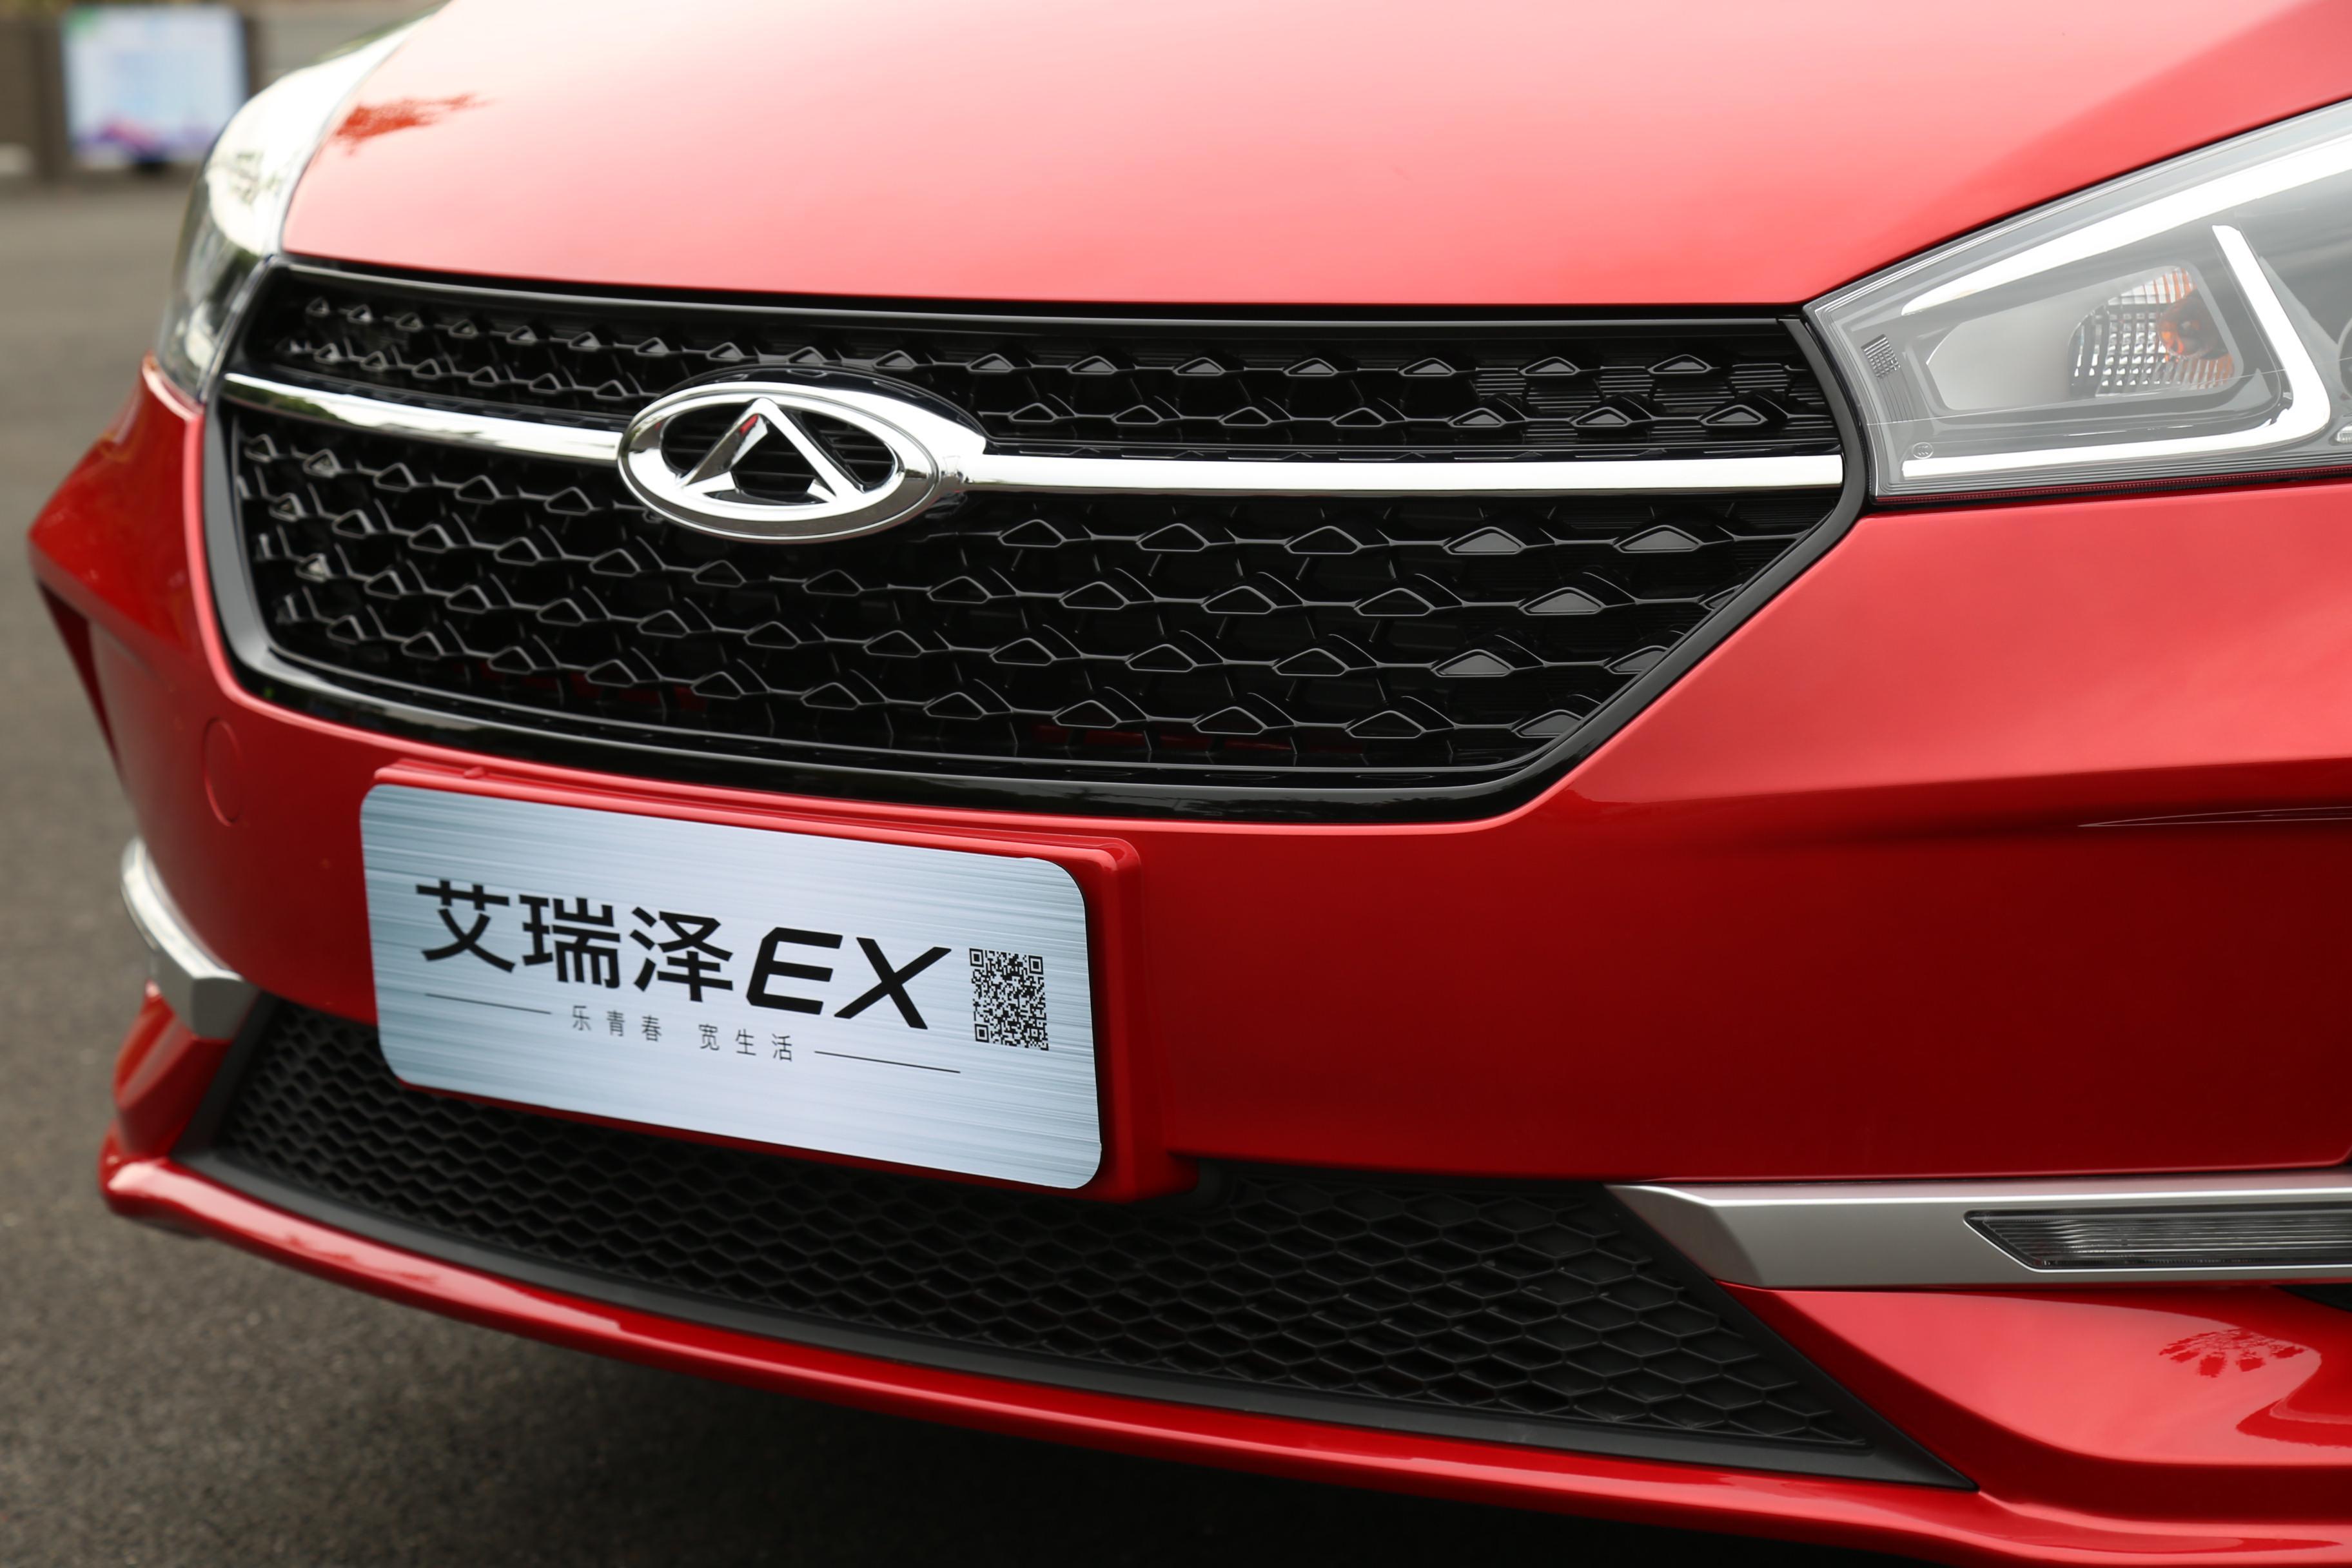 首推1.5L 自动自在版 艾瑞泽EX全系导购